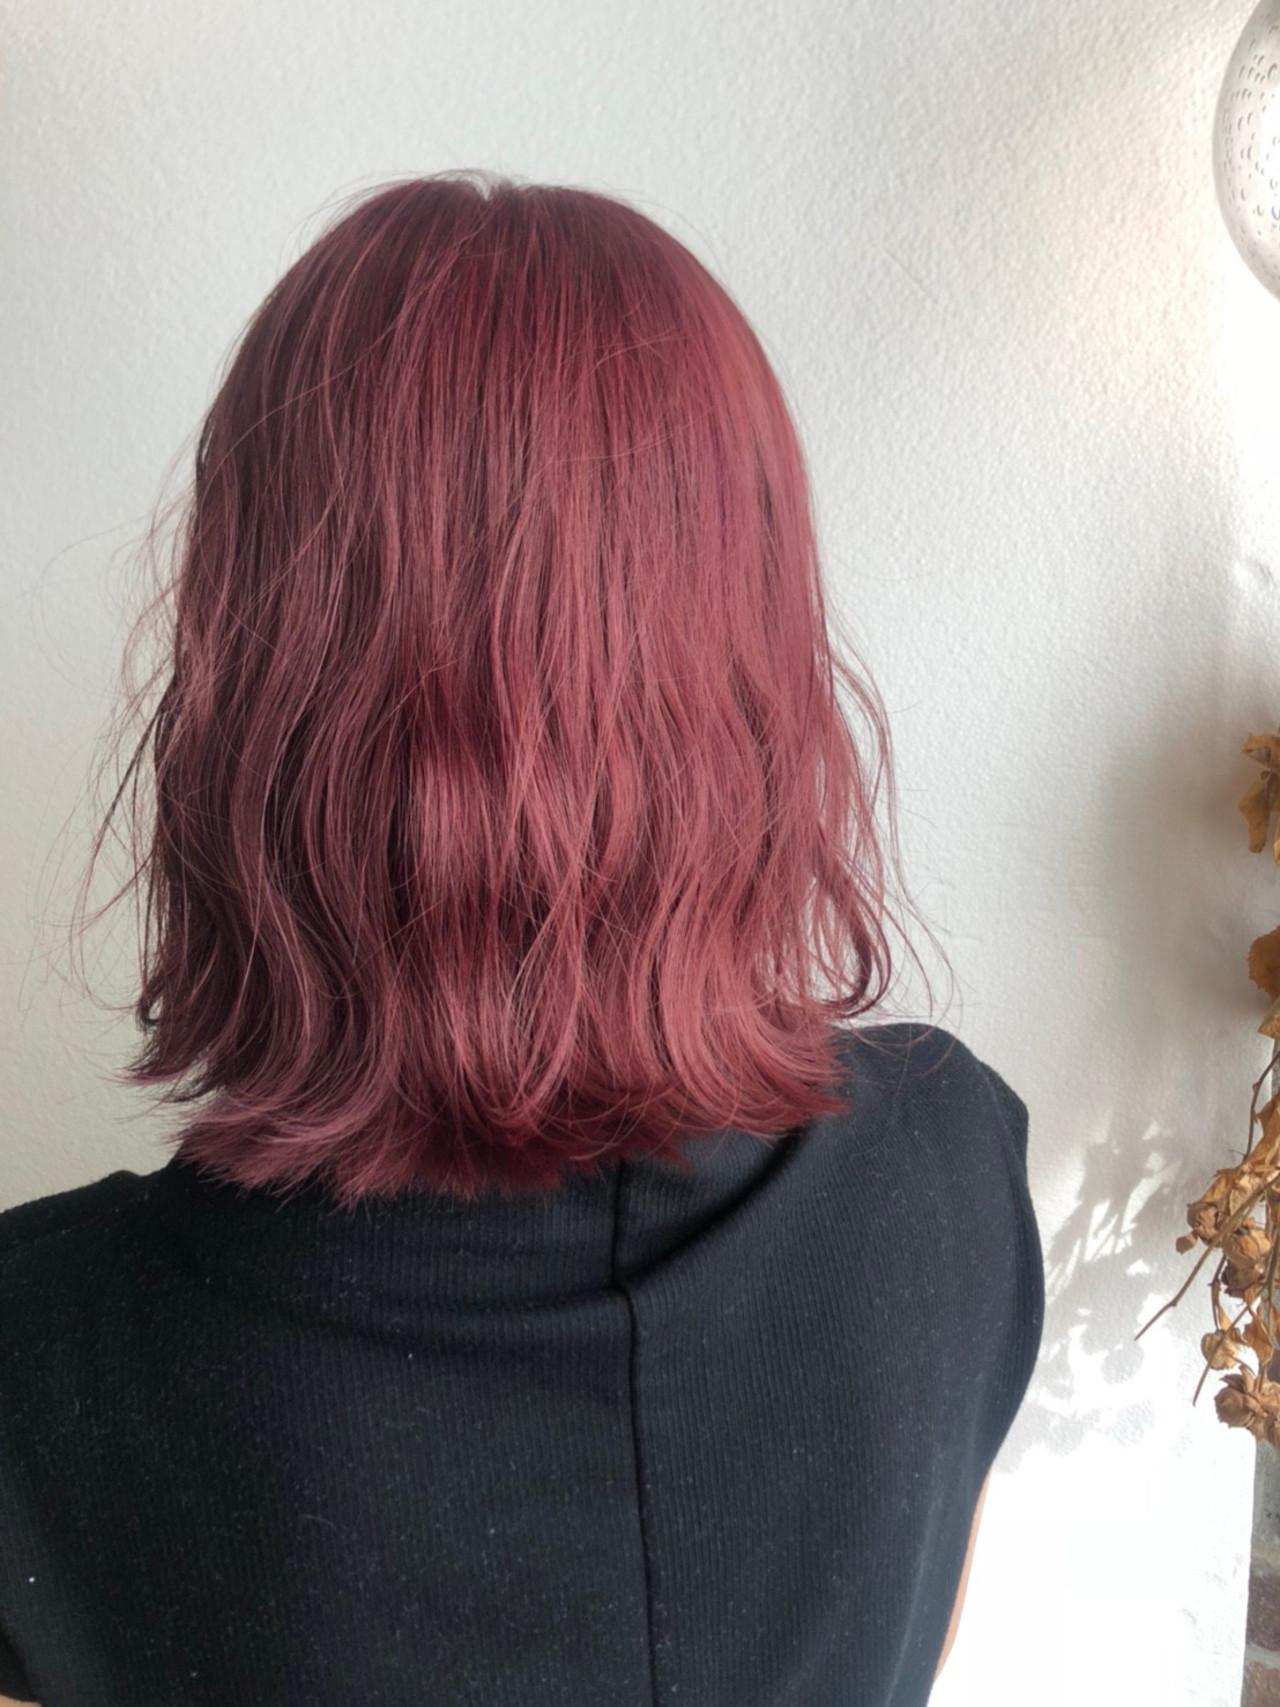 インナーカラー ミディアム ピンクブラウン ベリーピンク ヘアスタイルや髪型の写真・画像